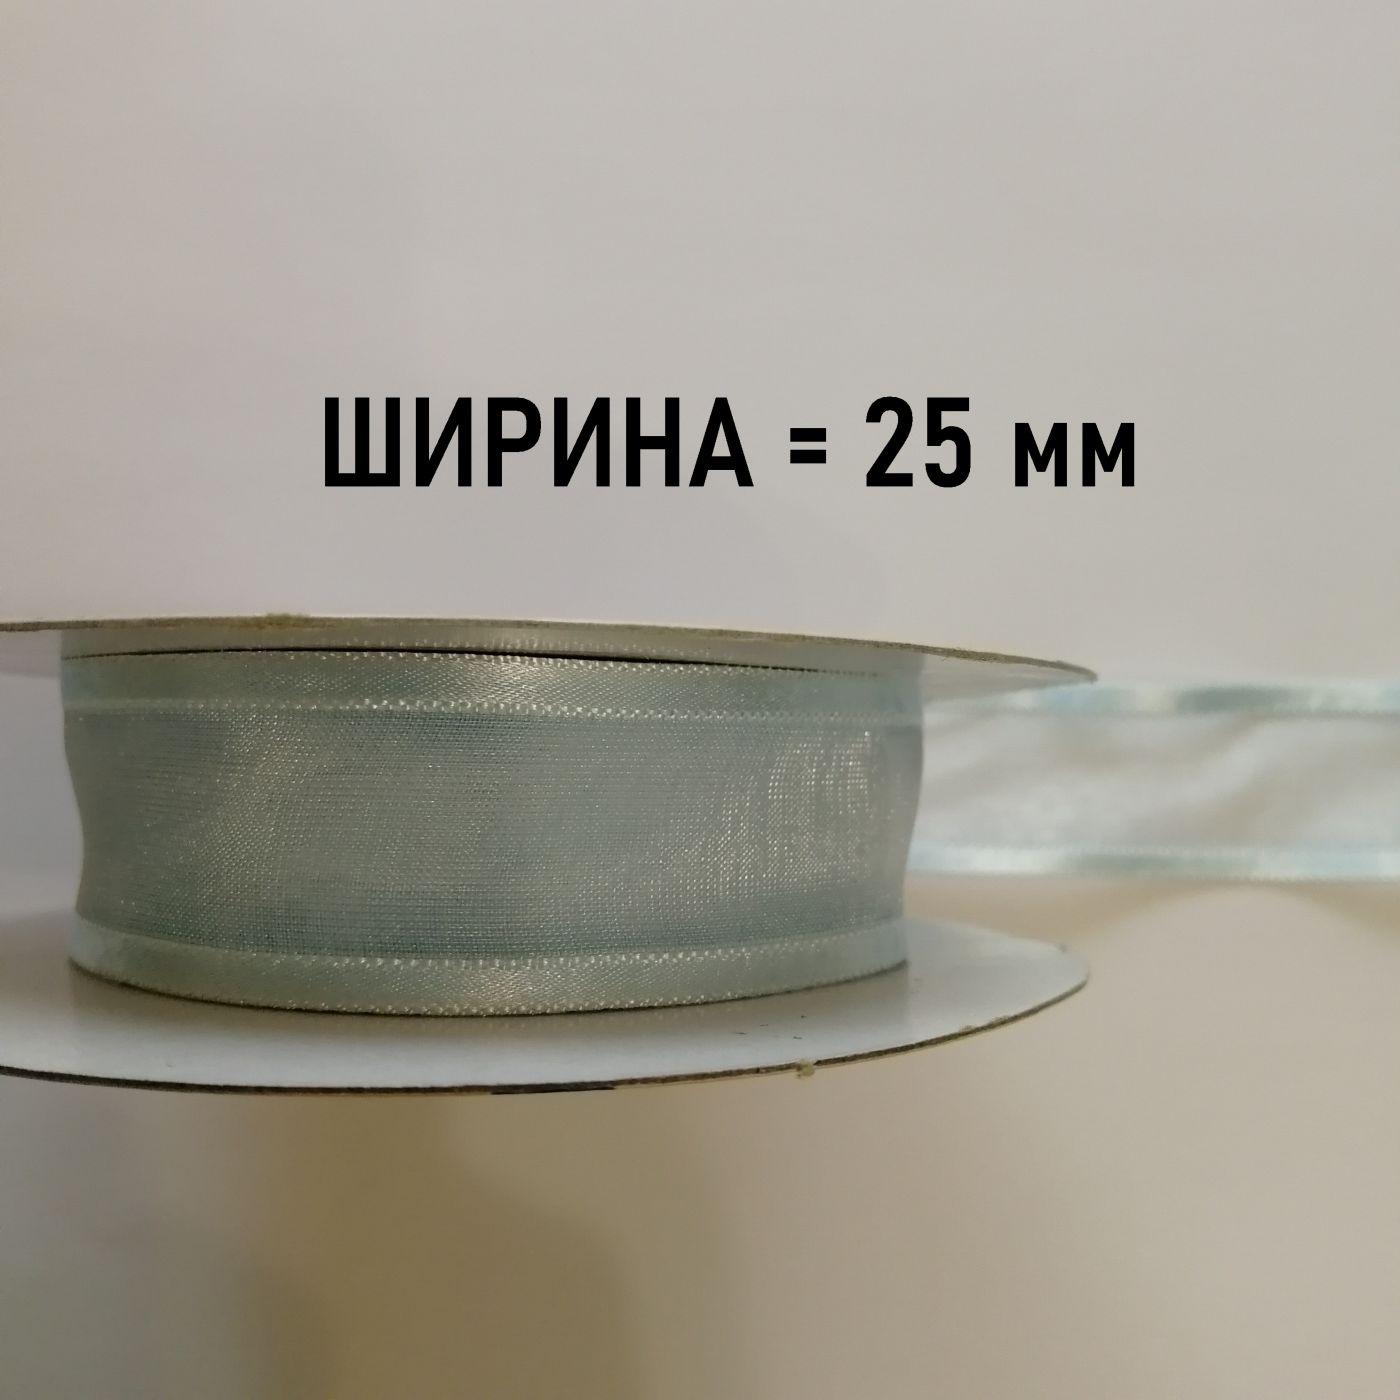 Лента органза и сатин голубая Organdy with satin edge ширина - 25 мм